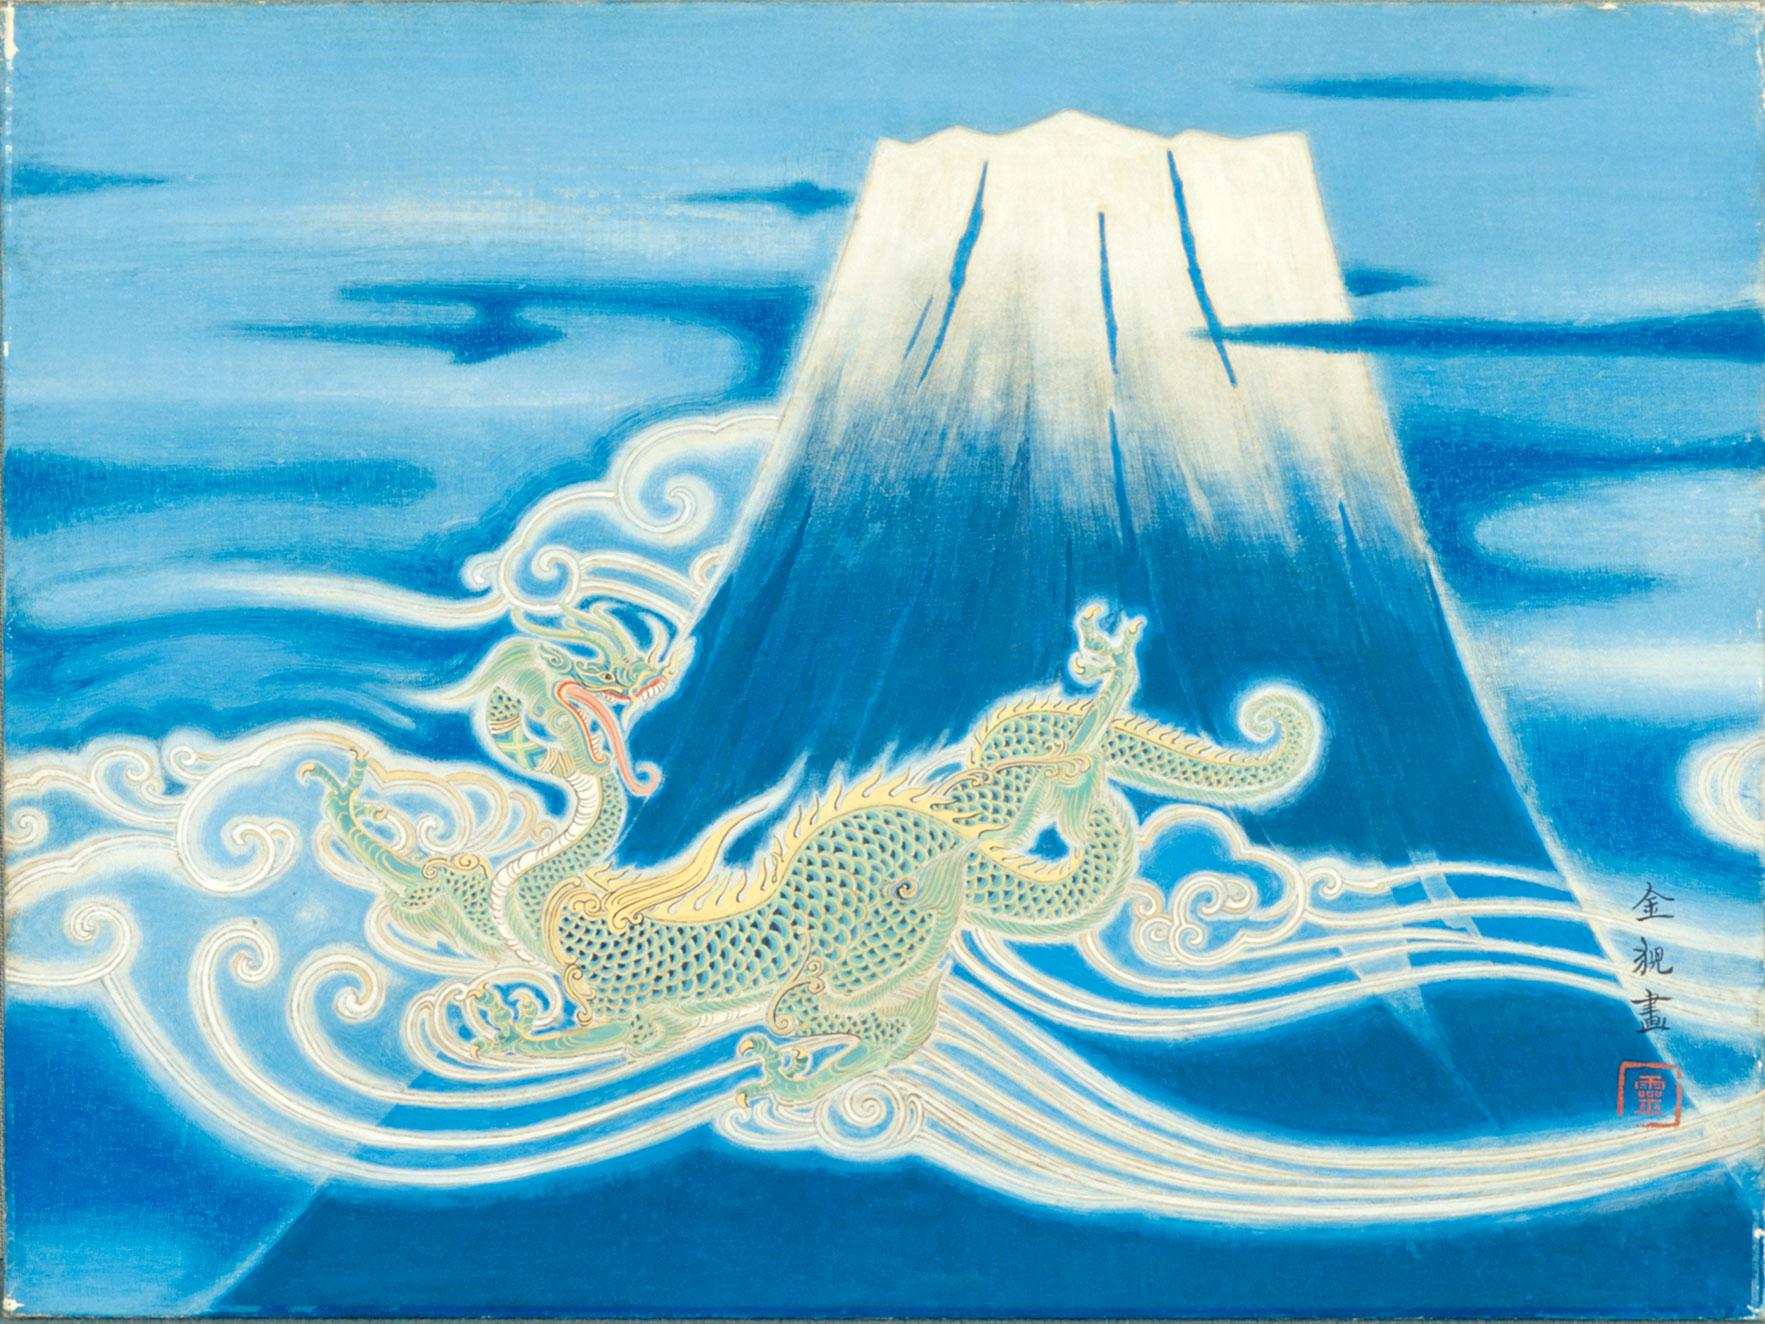 青龍老栖富嶽の図 - Old Blue Dragon Lives in Mt. Fuji